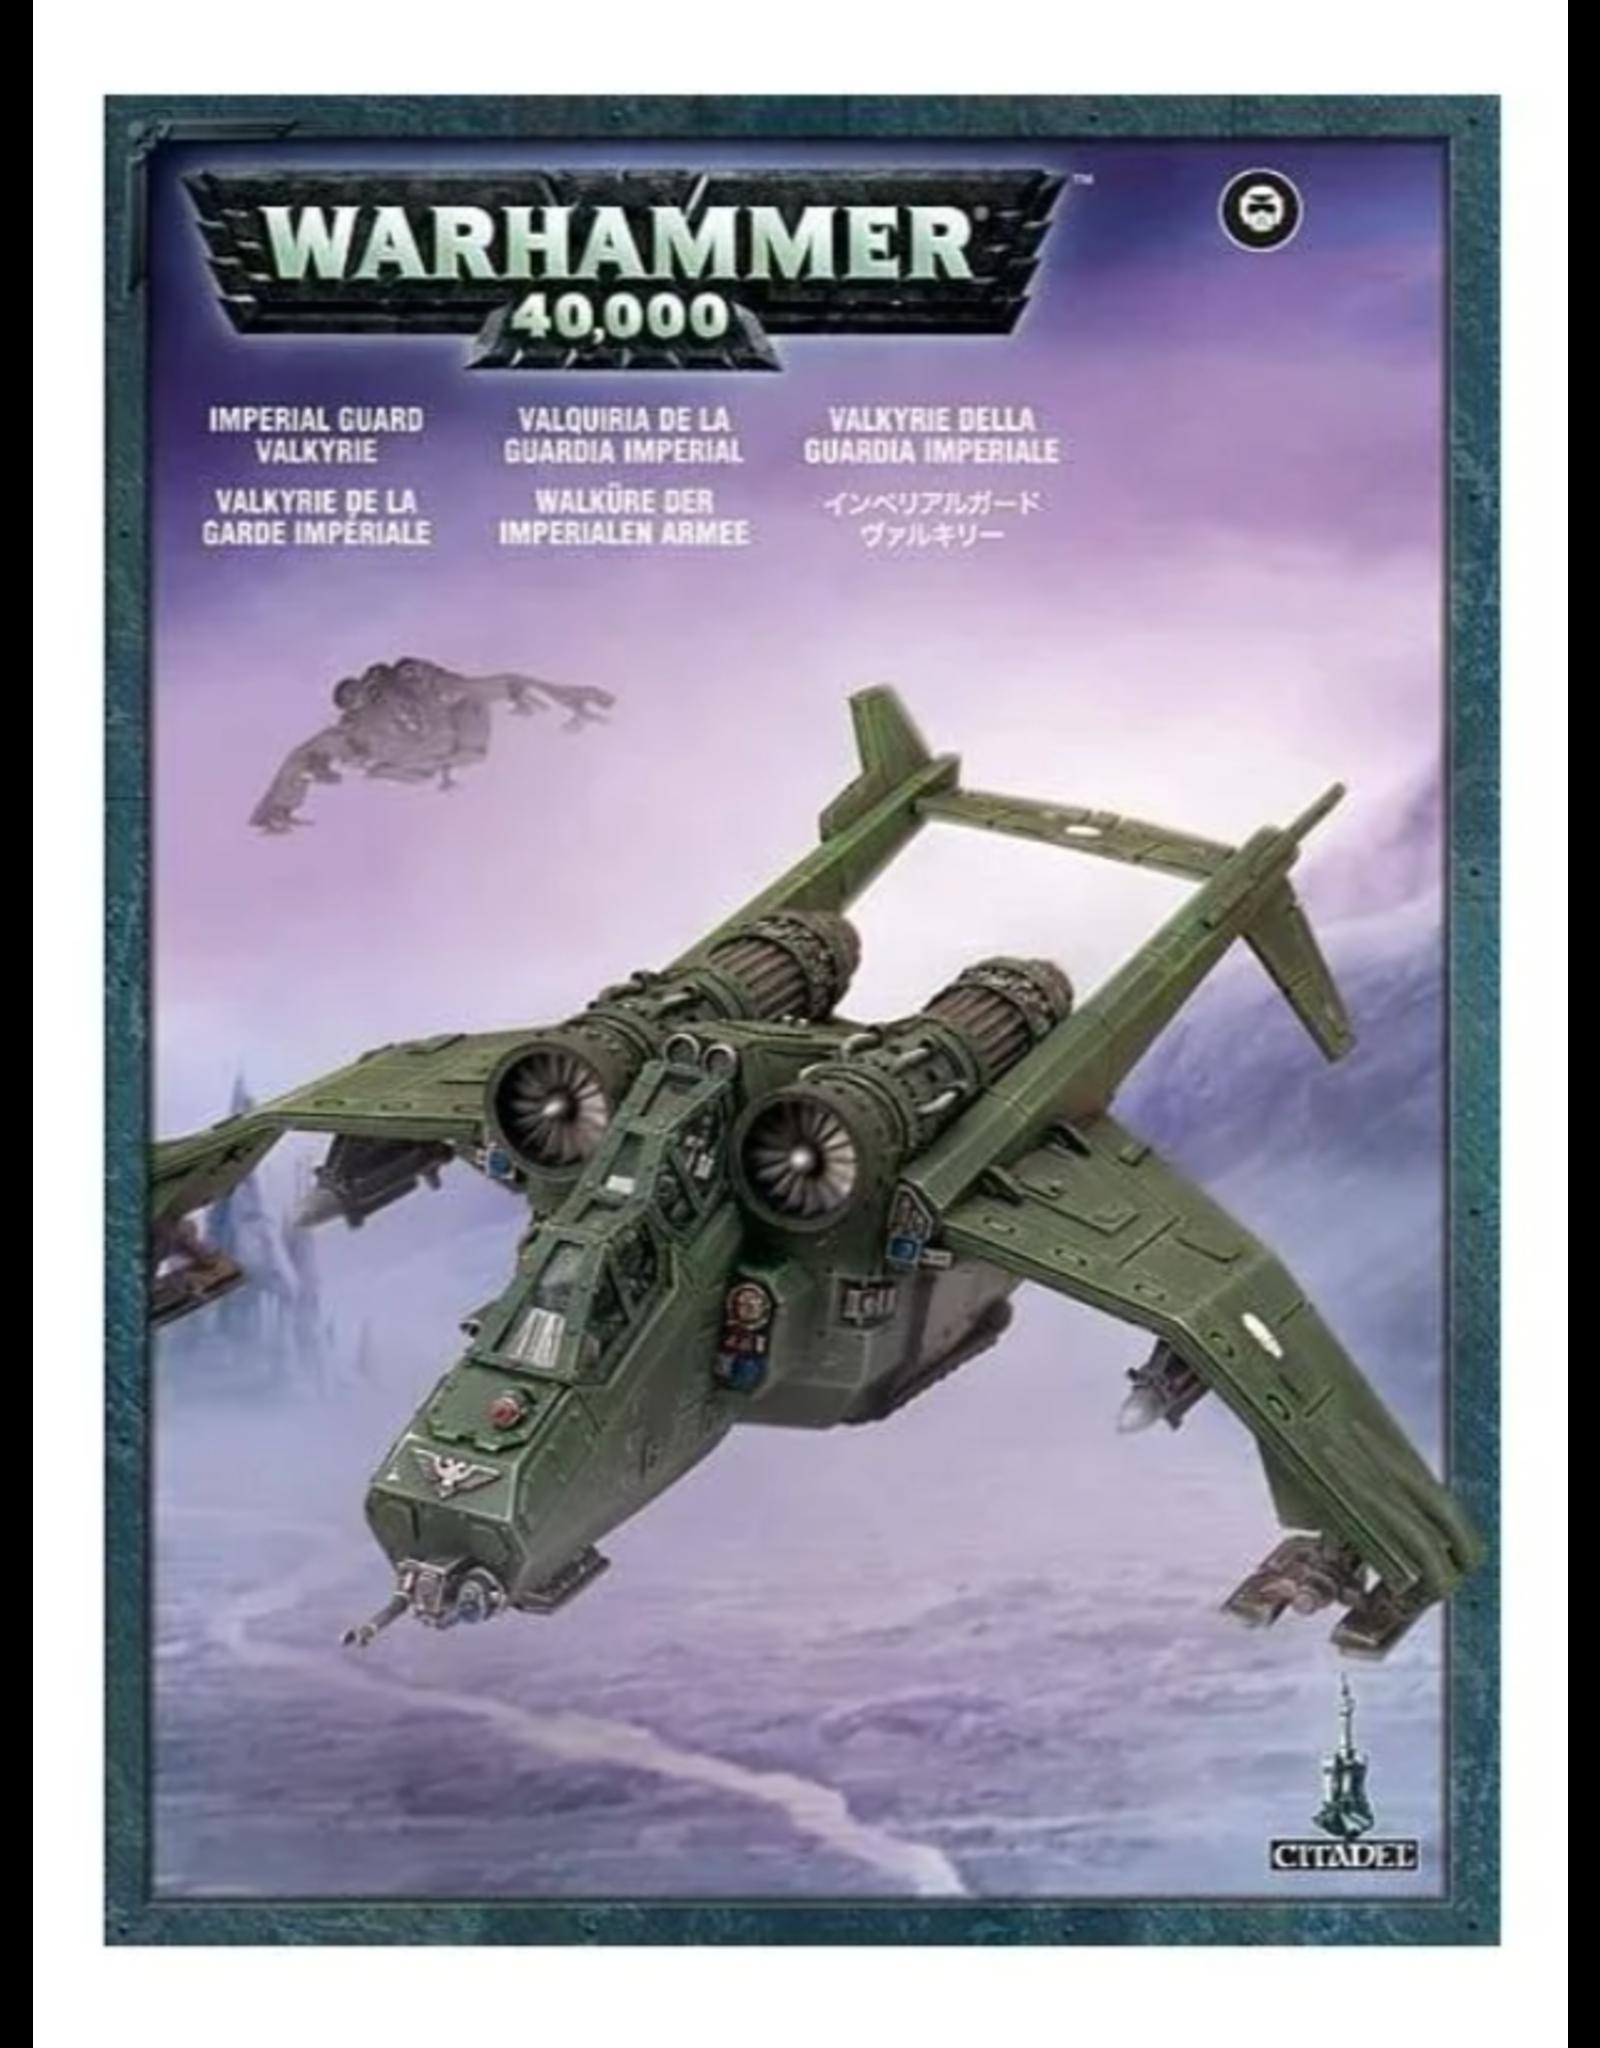 Warhammer 40K Astra Militarium Valkyrie